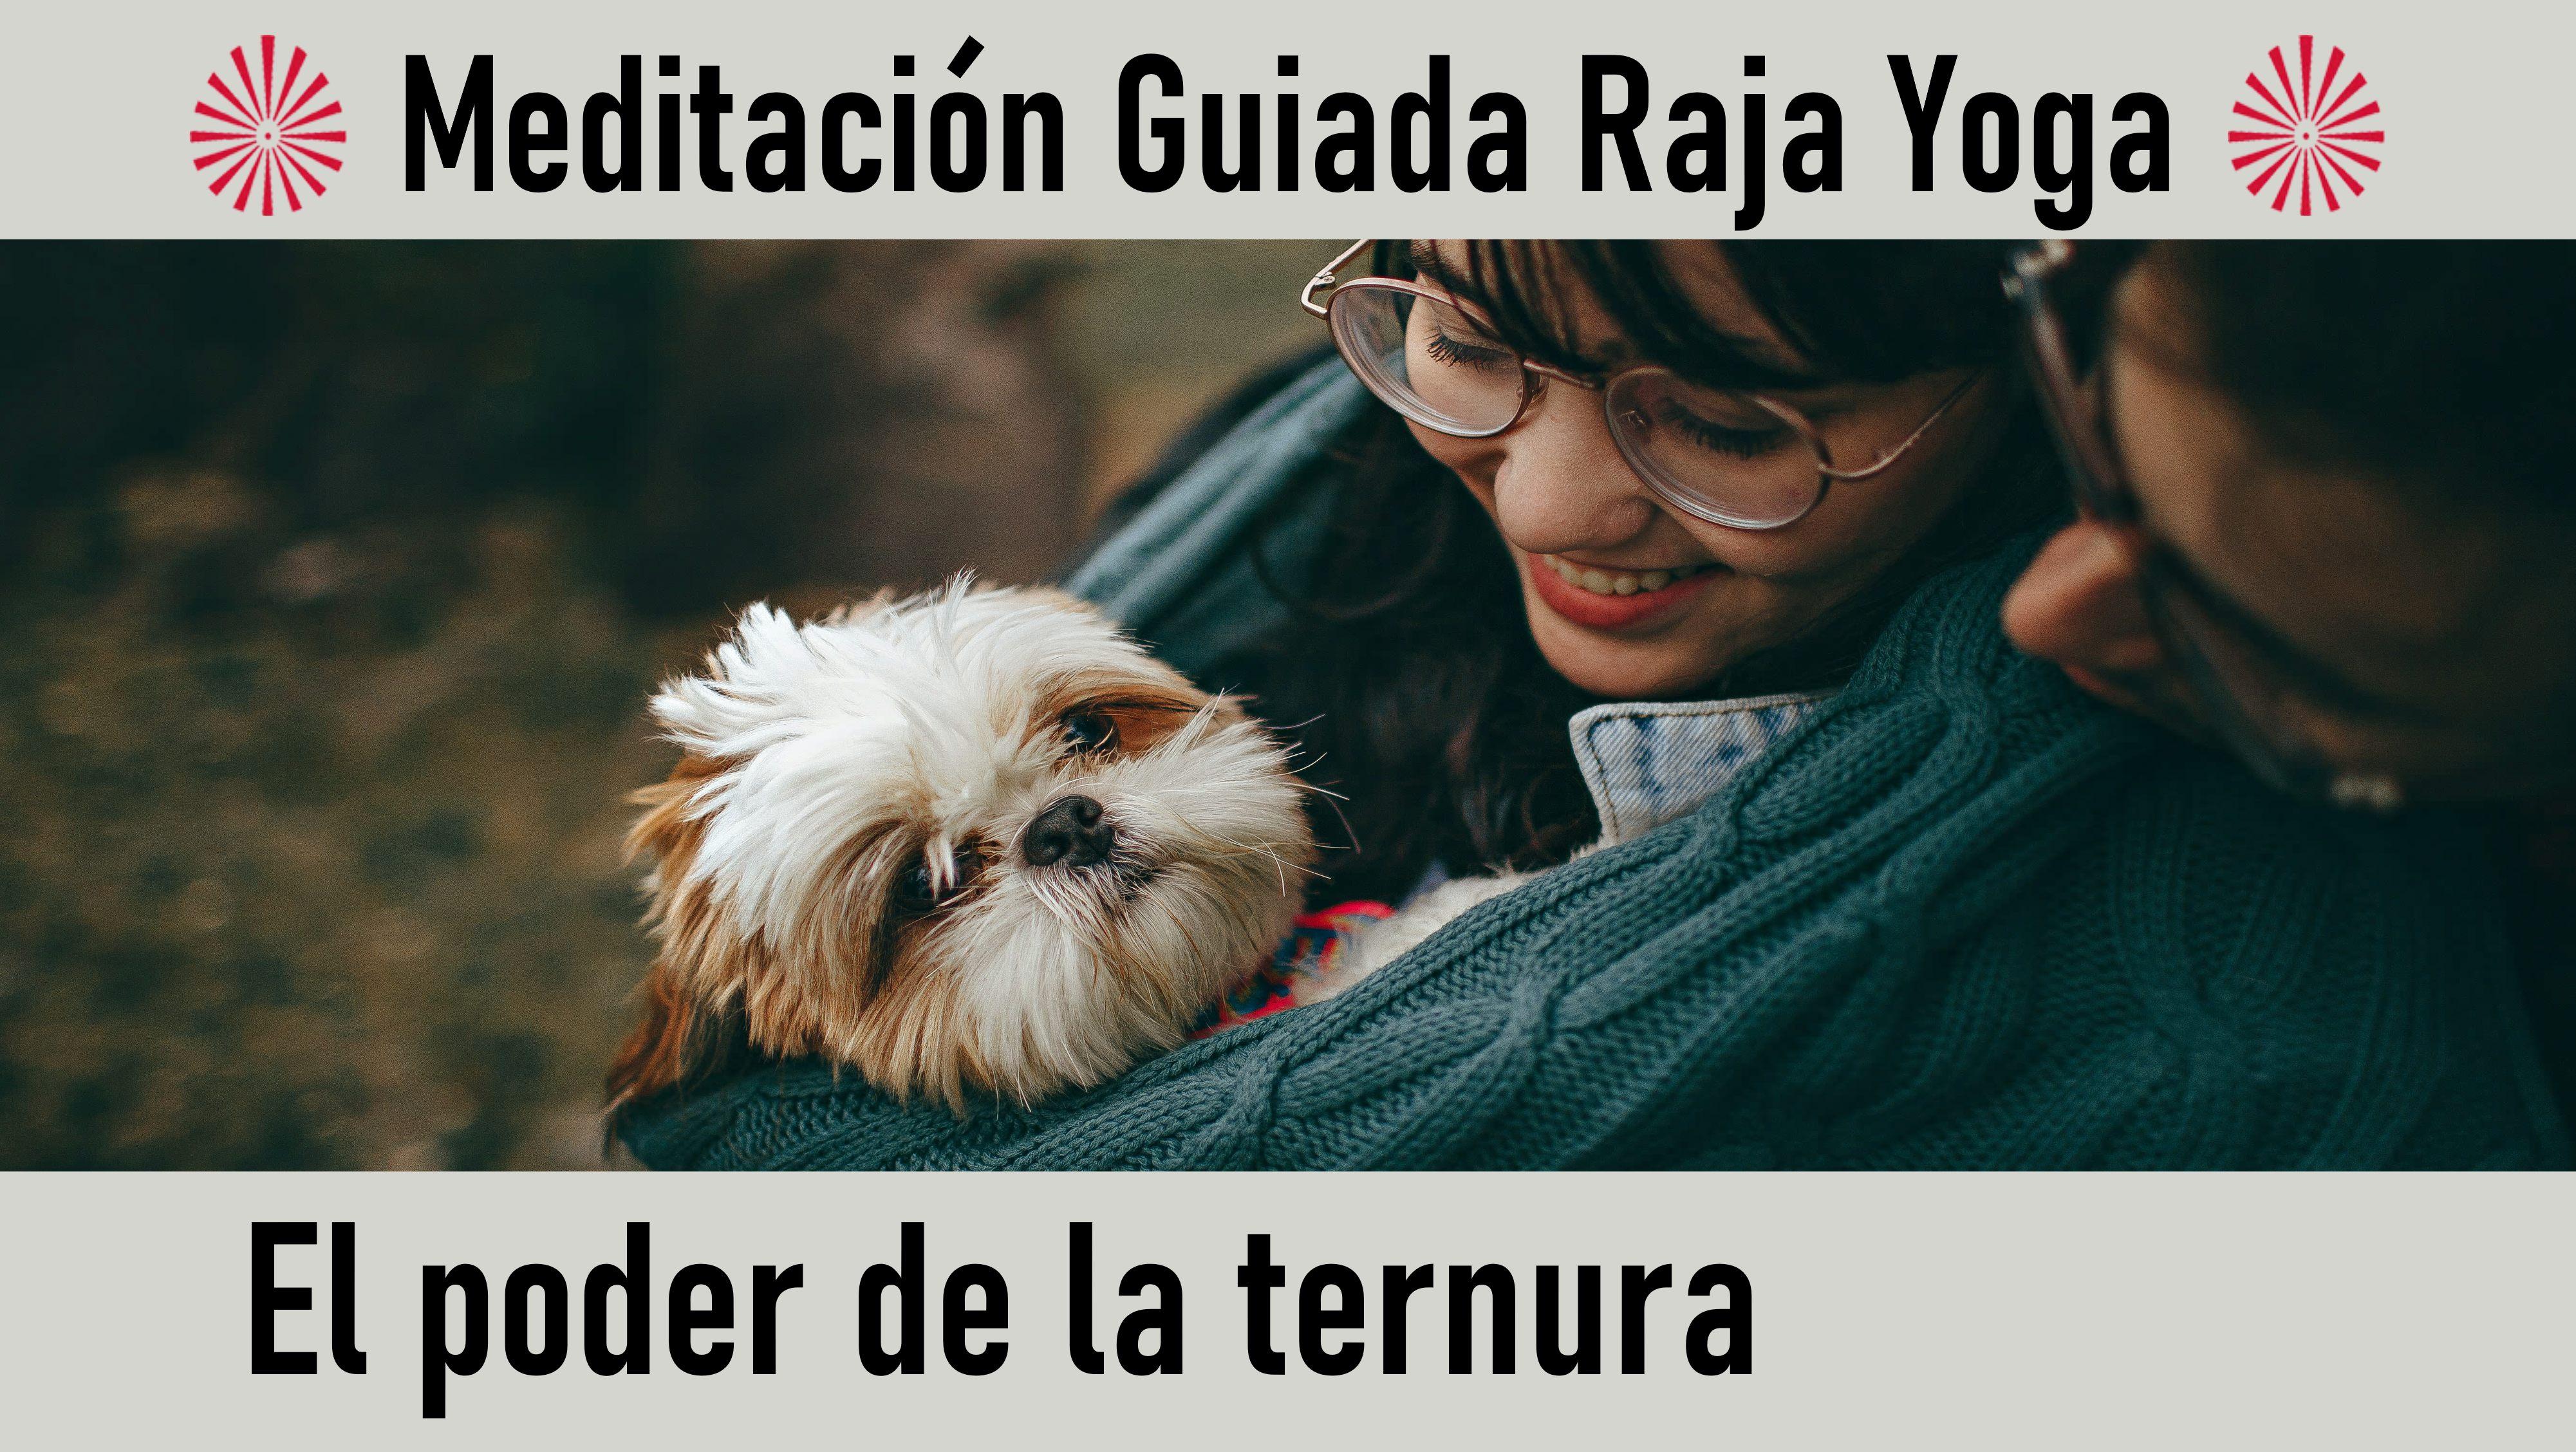 Meditación Raja Yoga: El poder de la ternura (18 Septiembre 2020) On-line desde Barcelona